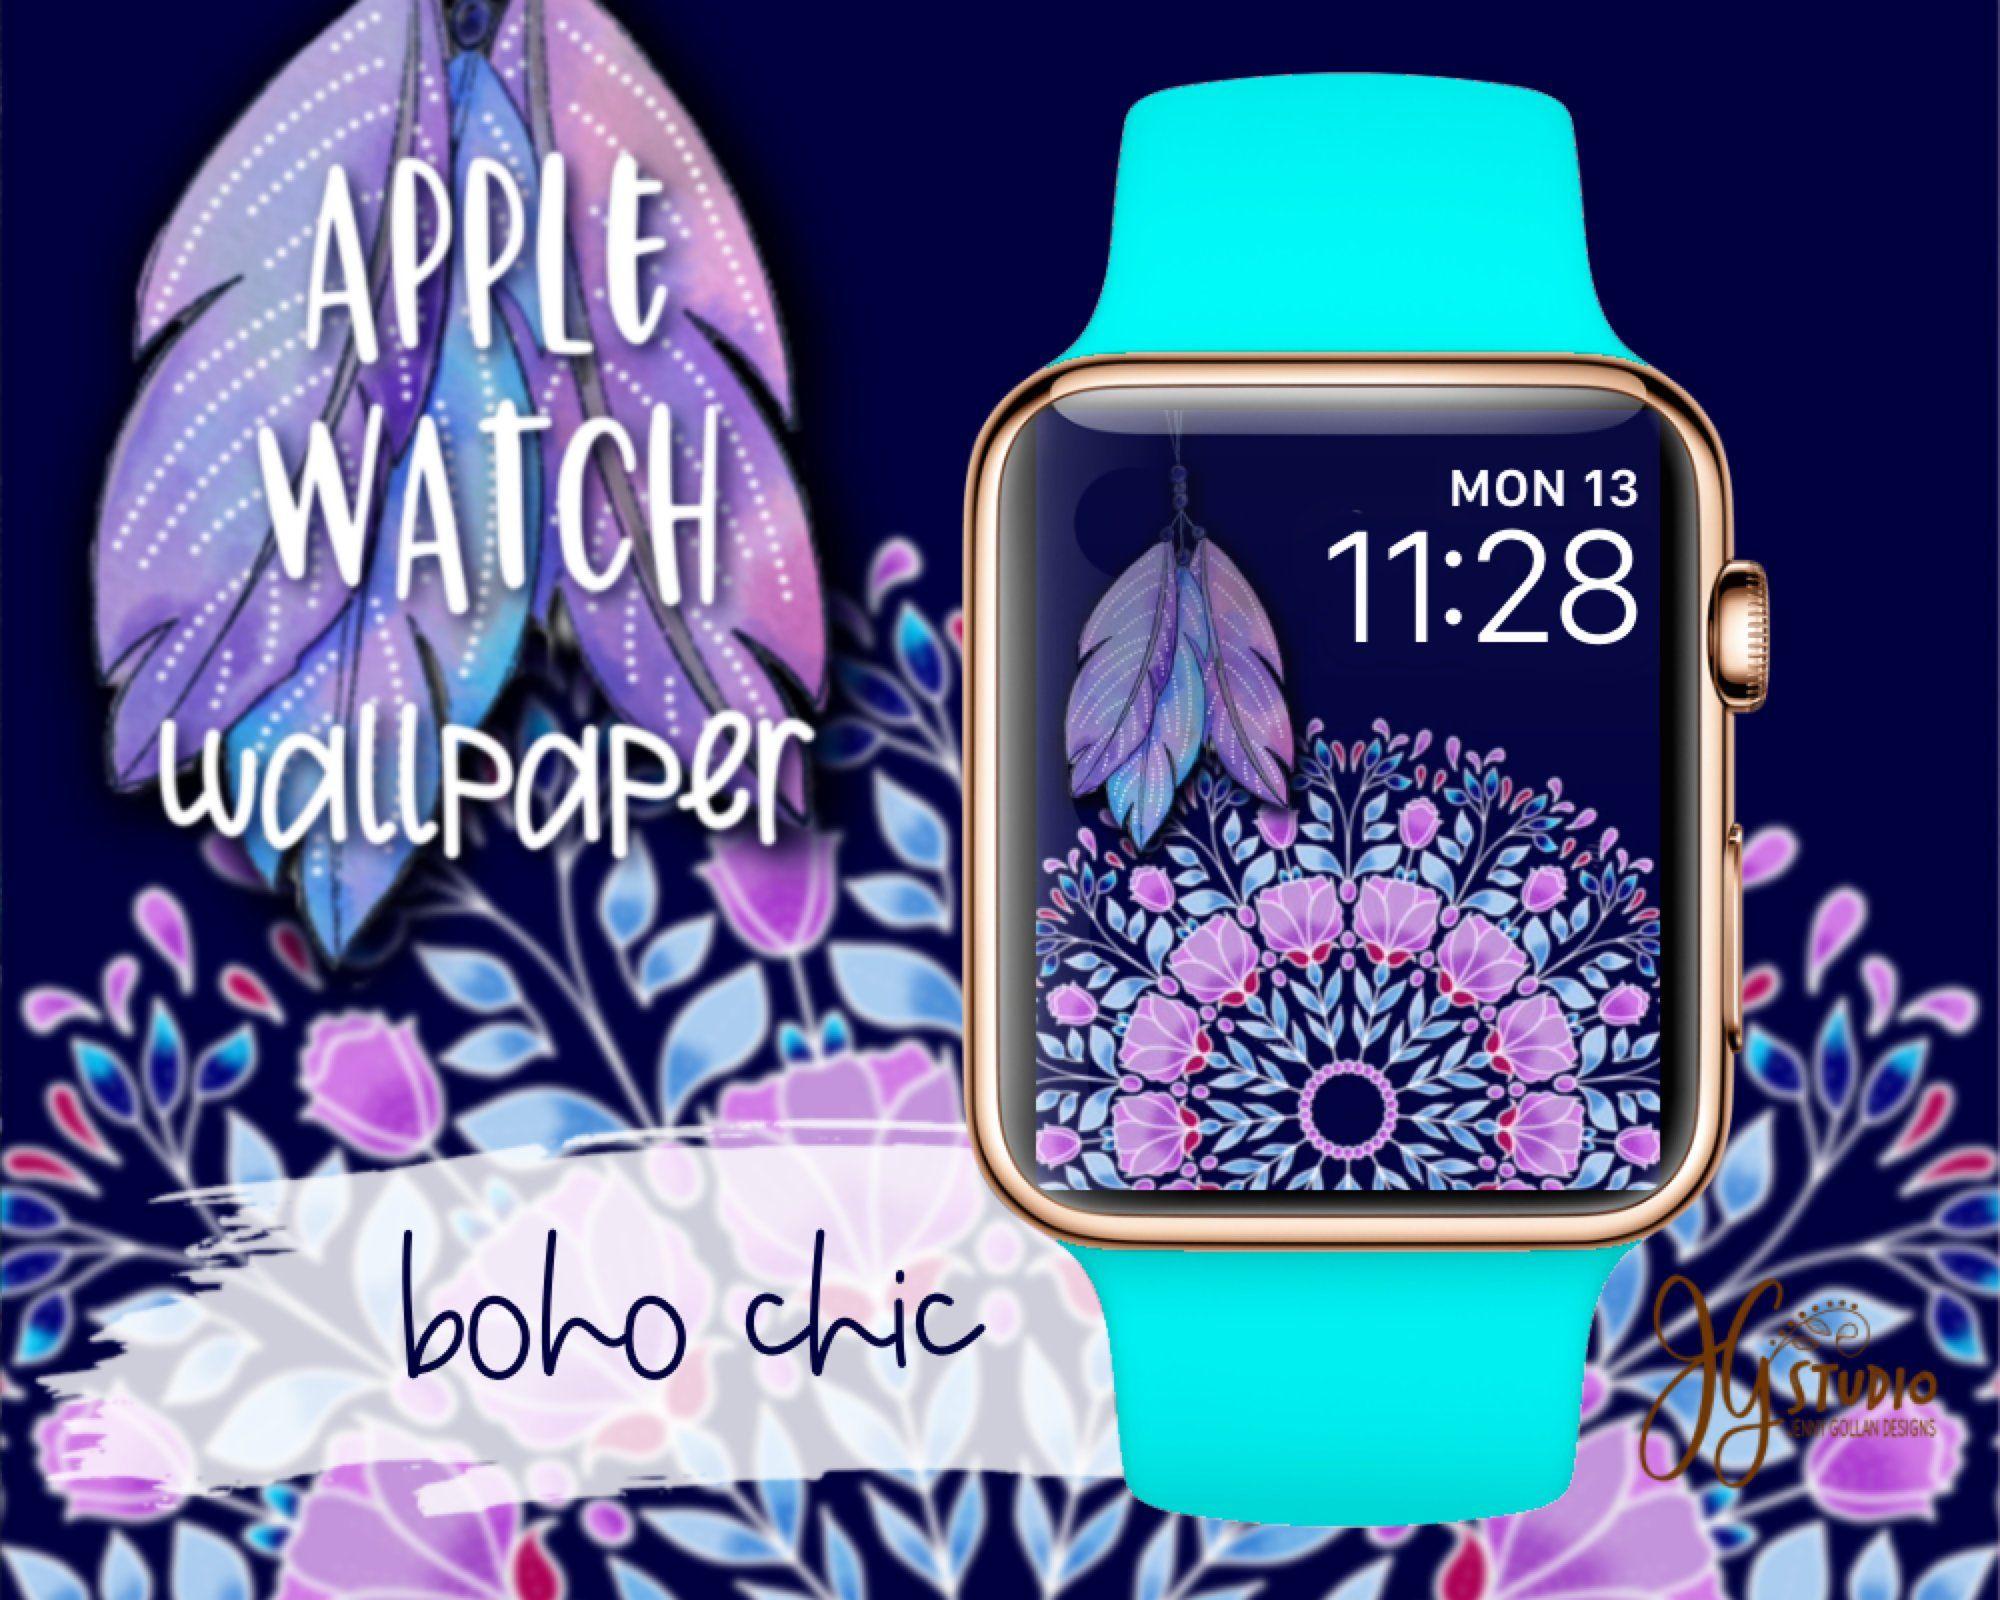 Apple Watch Wallpaper Boho Chic Apple Watch Face Applewatch Applewatchwallpaper Boho Mandala Bohofeath Apple Watch Faces Apple Watch Apple Watch Wallpaper Iwatch apple watch face wallpaper hd